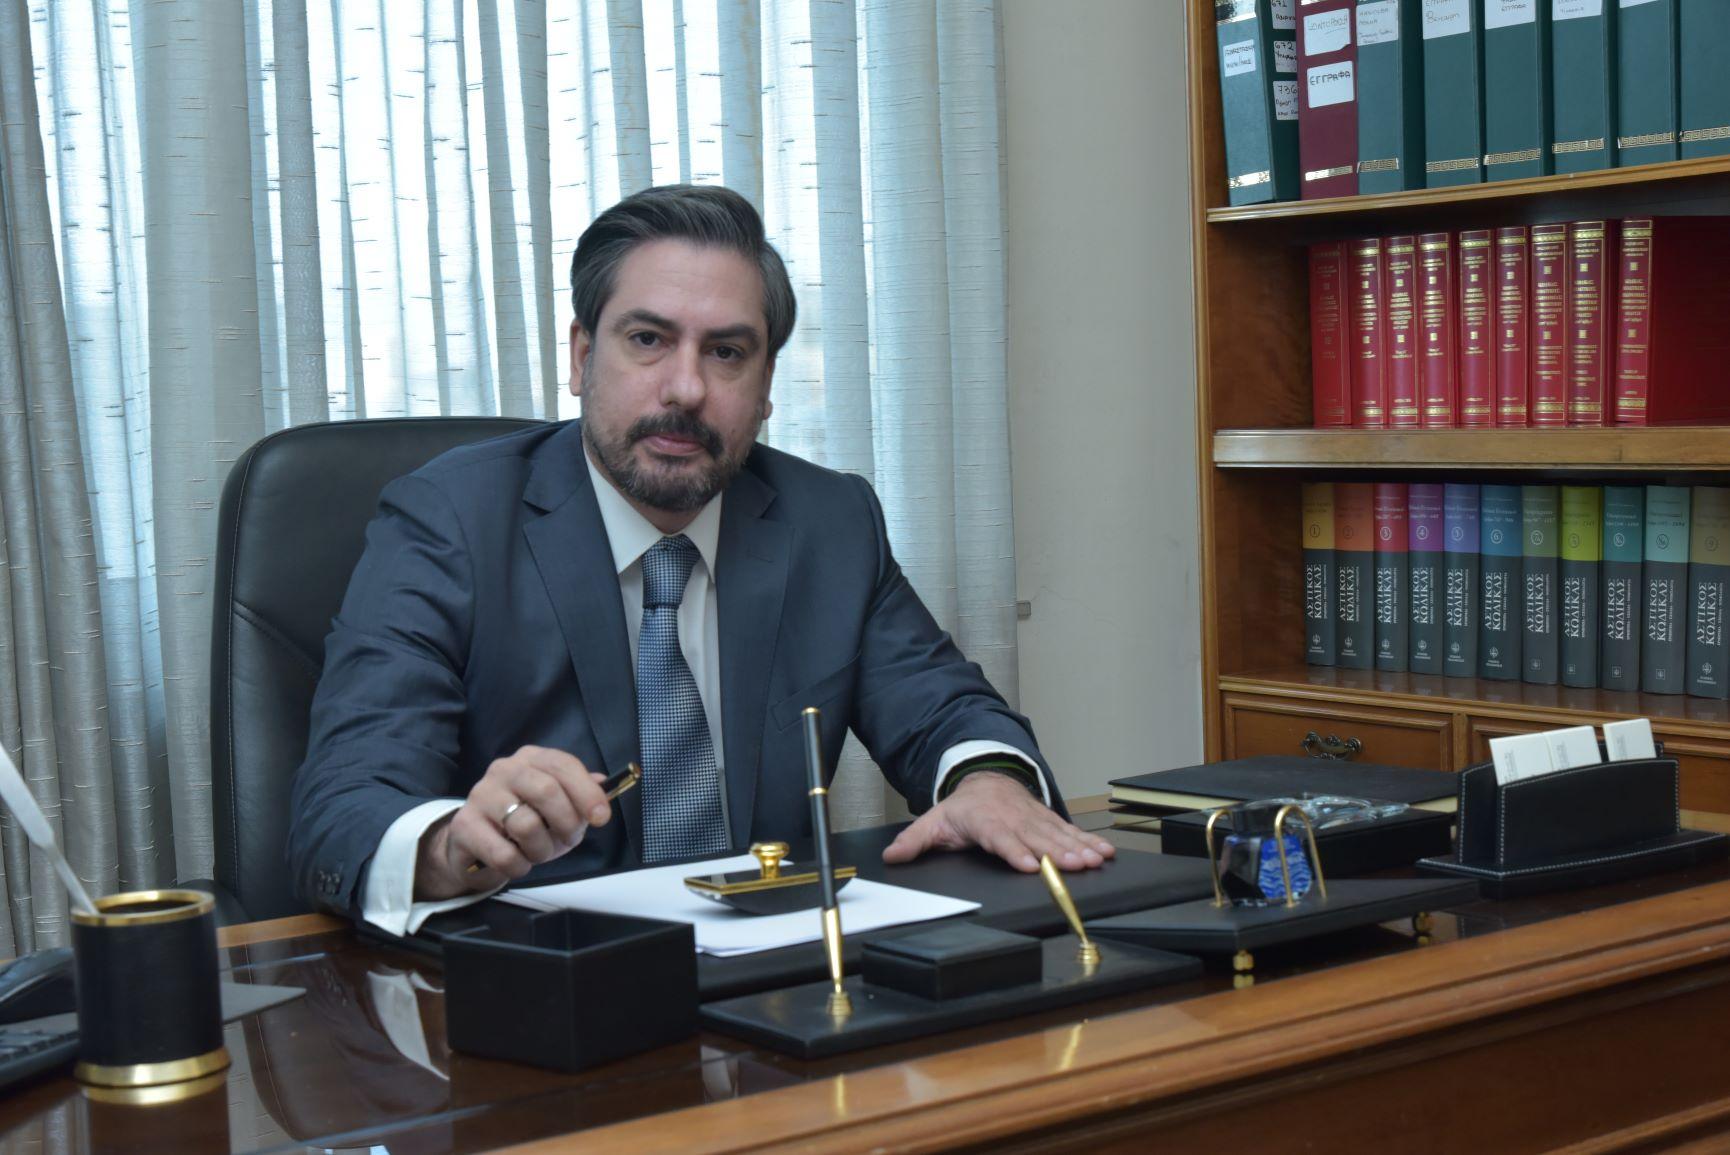 Δικηγορικό γραφείο Νίκος Καπέλης